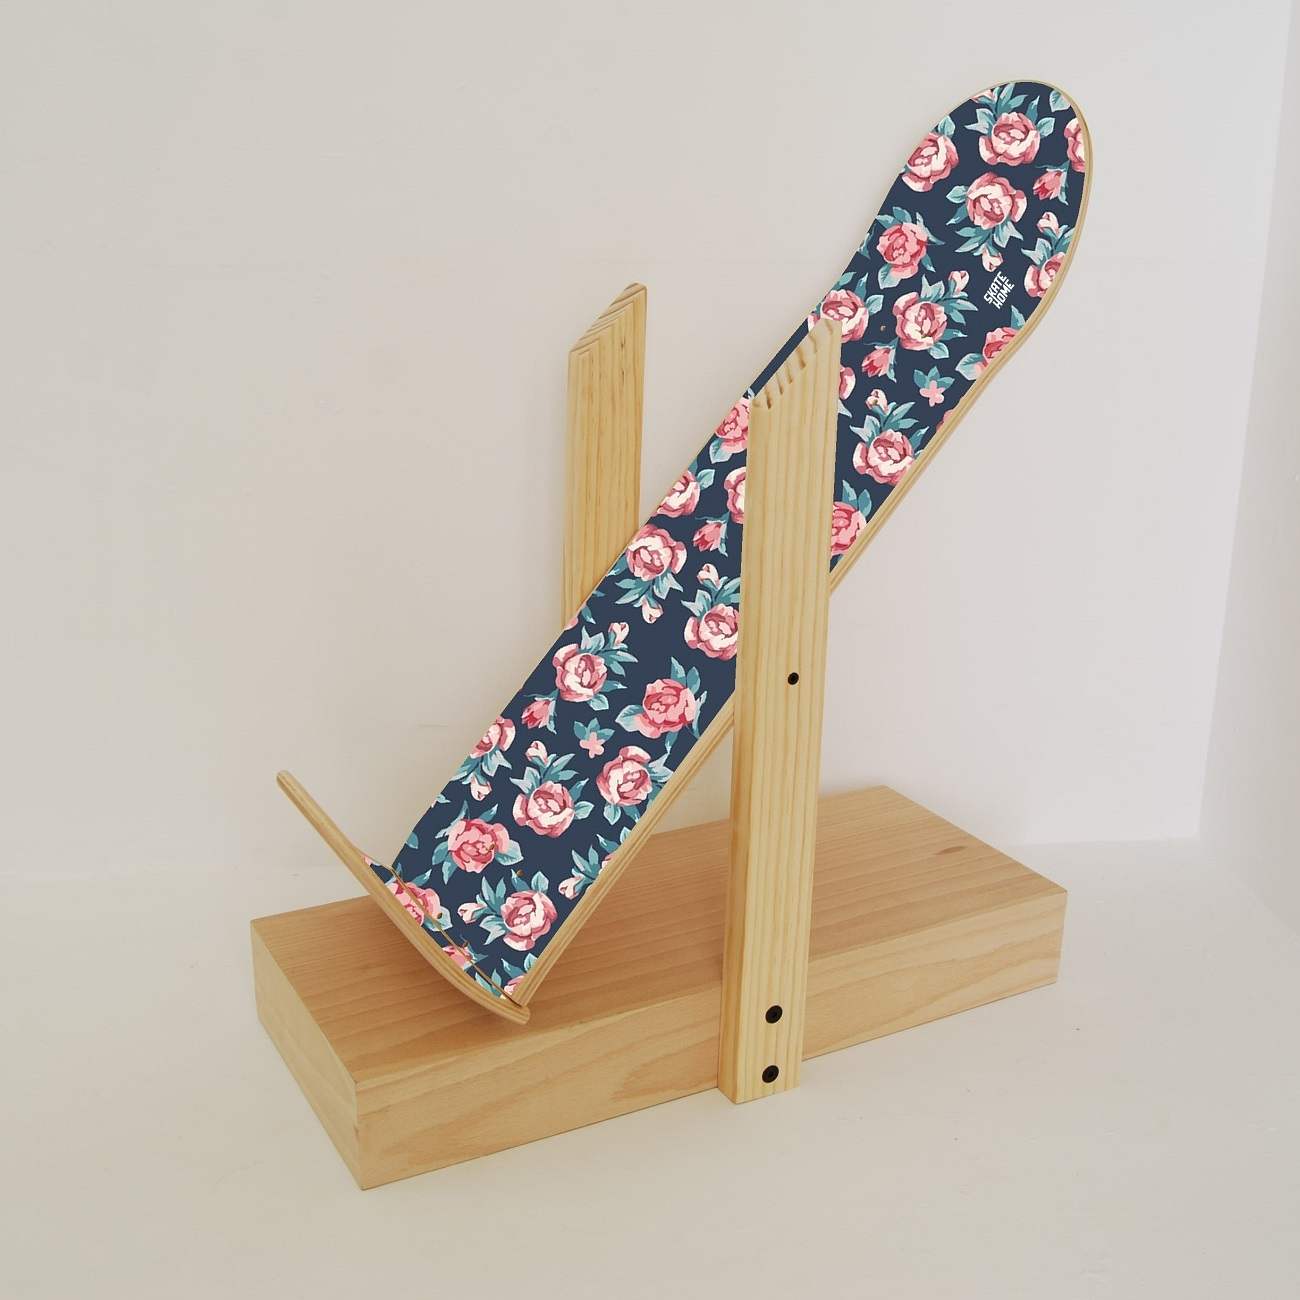 Skateboard Shelf skateboard shelf backflip 1.0 - small roses - skate-home